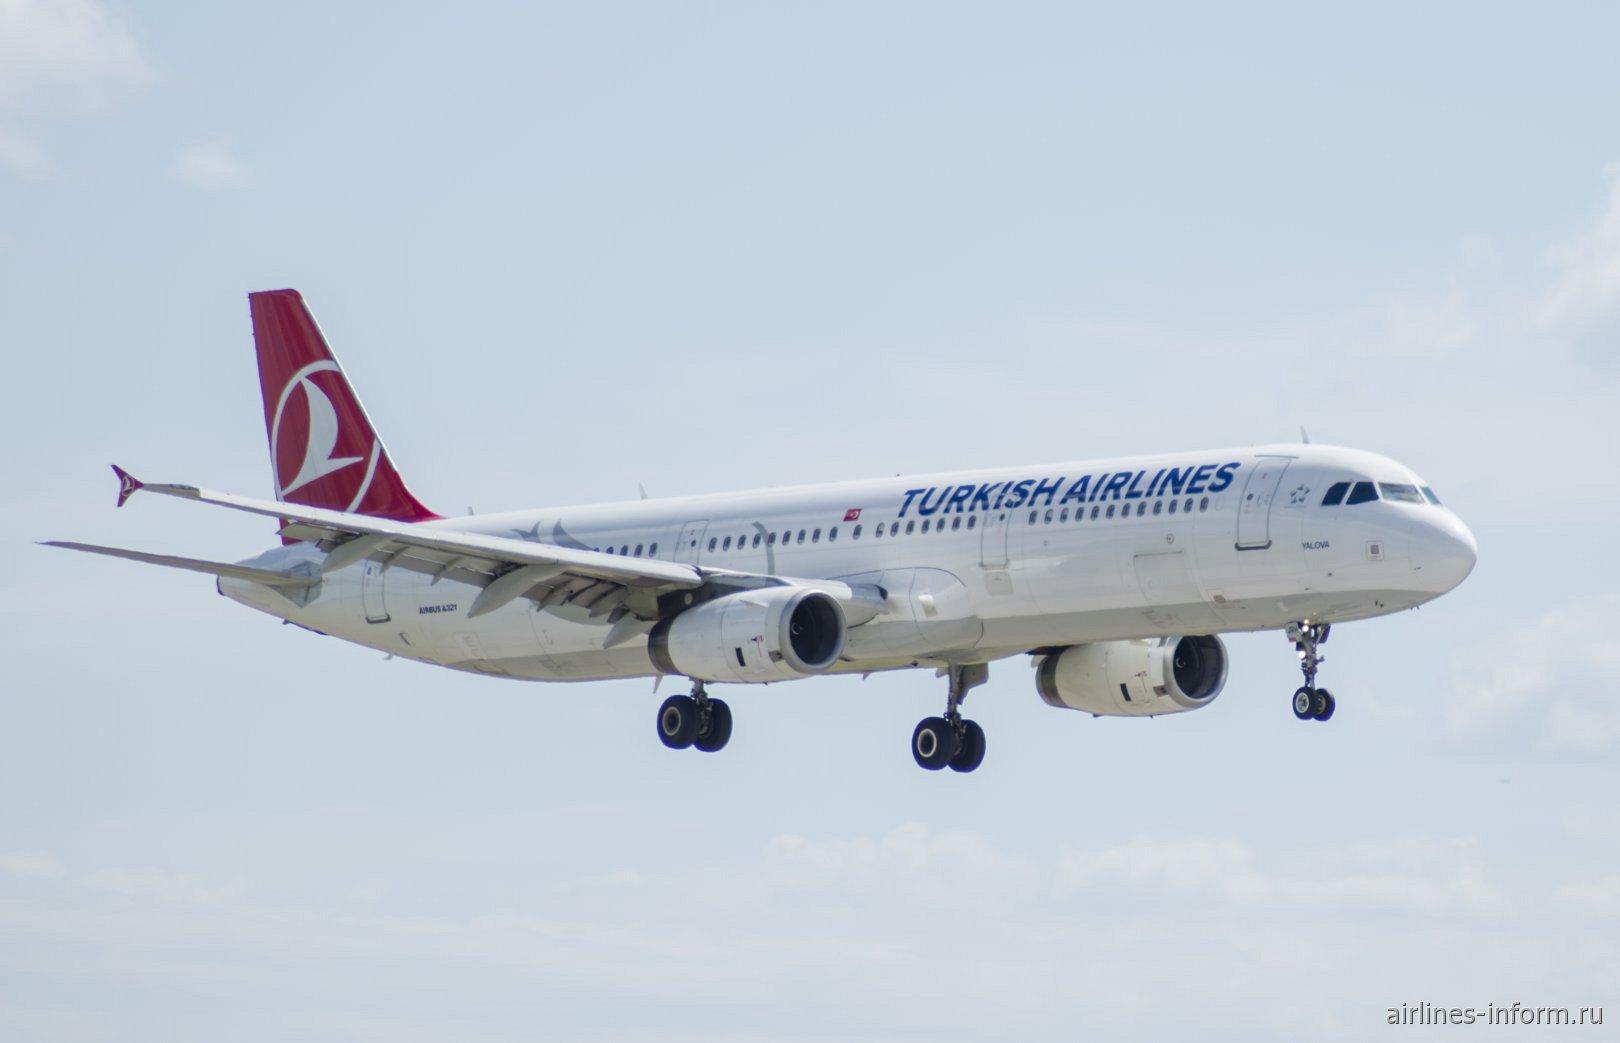 Airbus A321 Турецких авиалиний перед посадкой в аэропорту Внуково